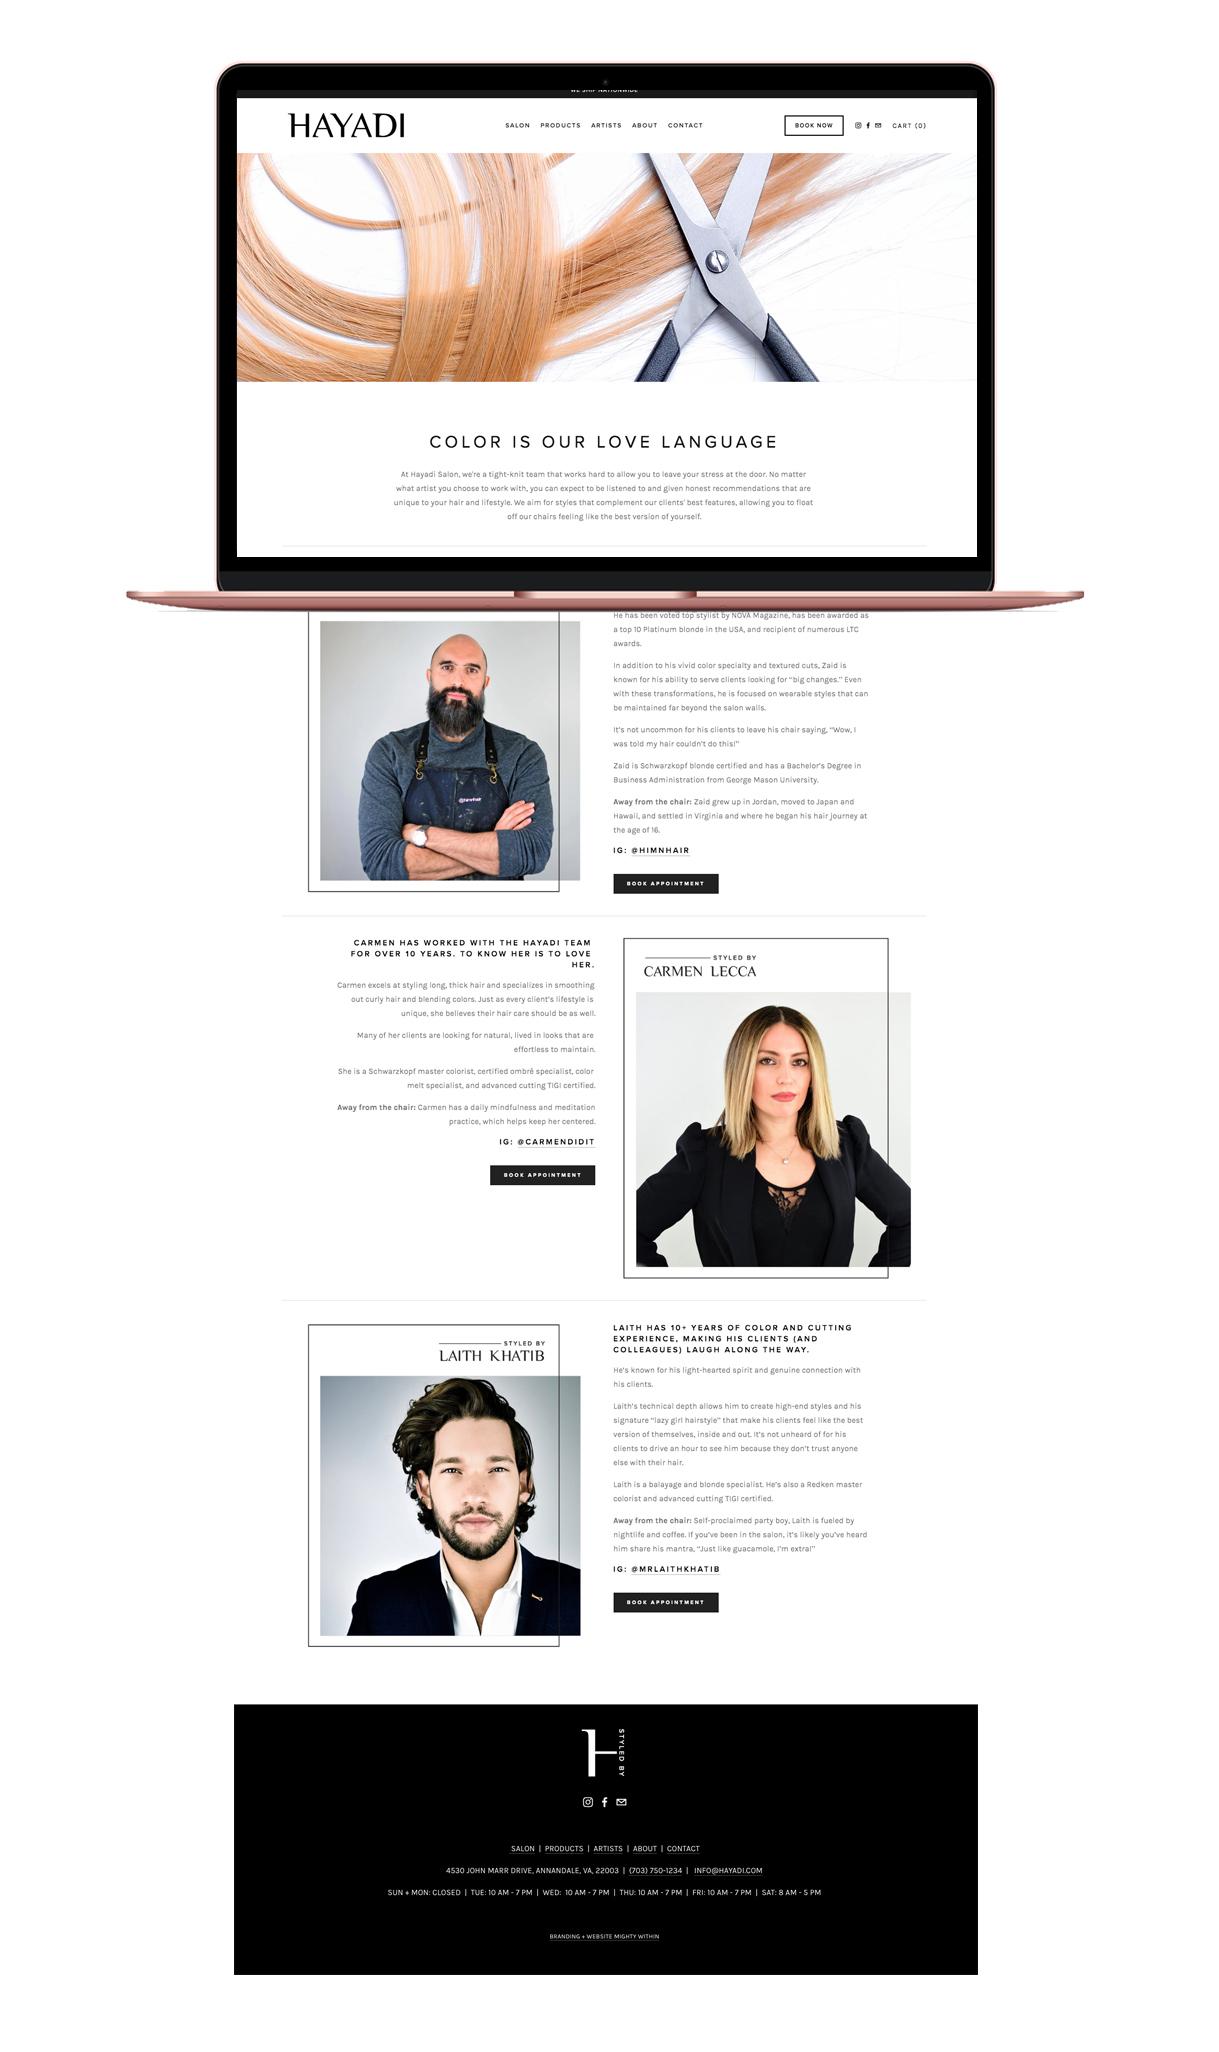 Hayadi Squarespace Website Design